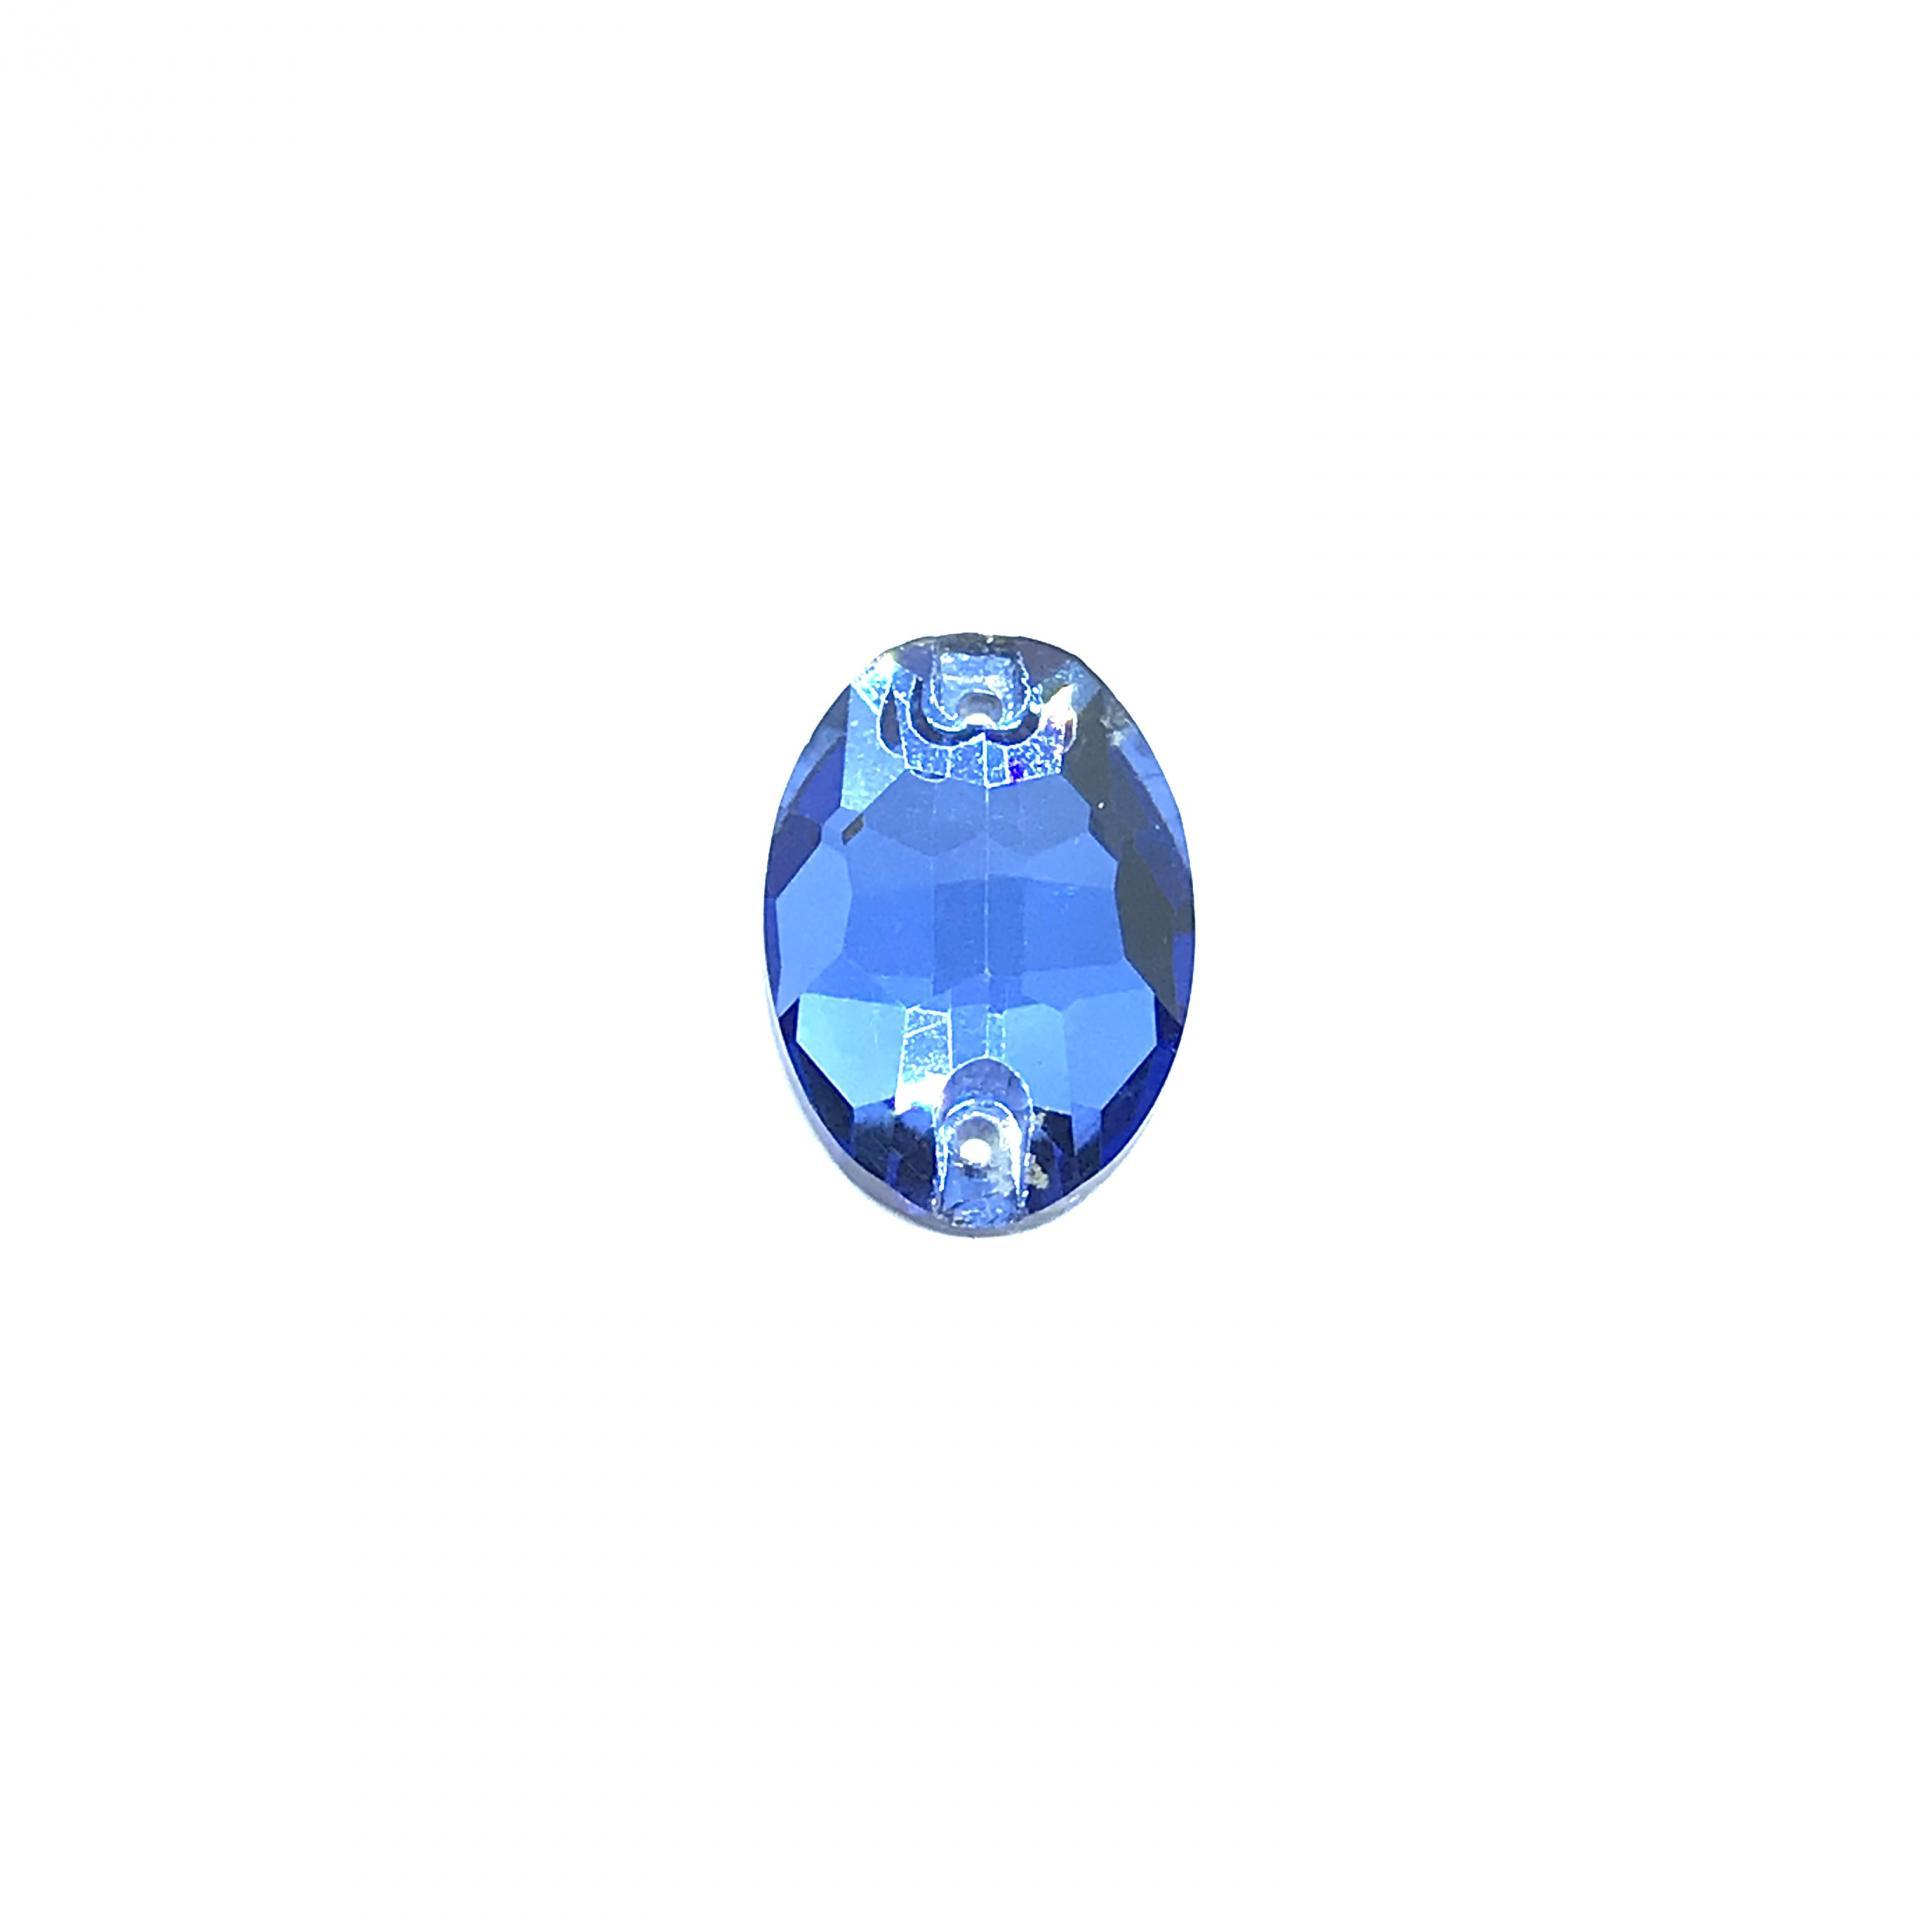 Pierre a coudre en verre cristal saphir light 11 16 8063